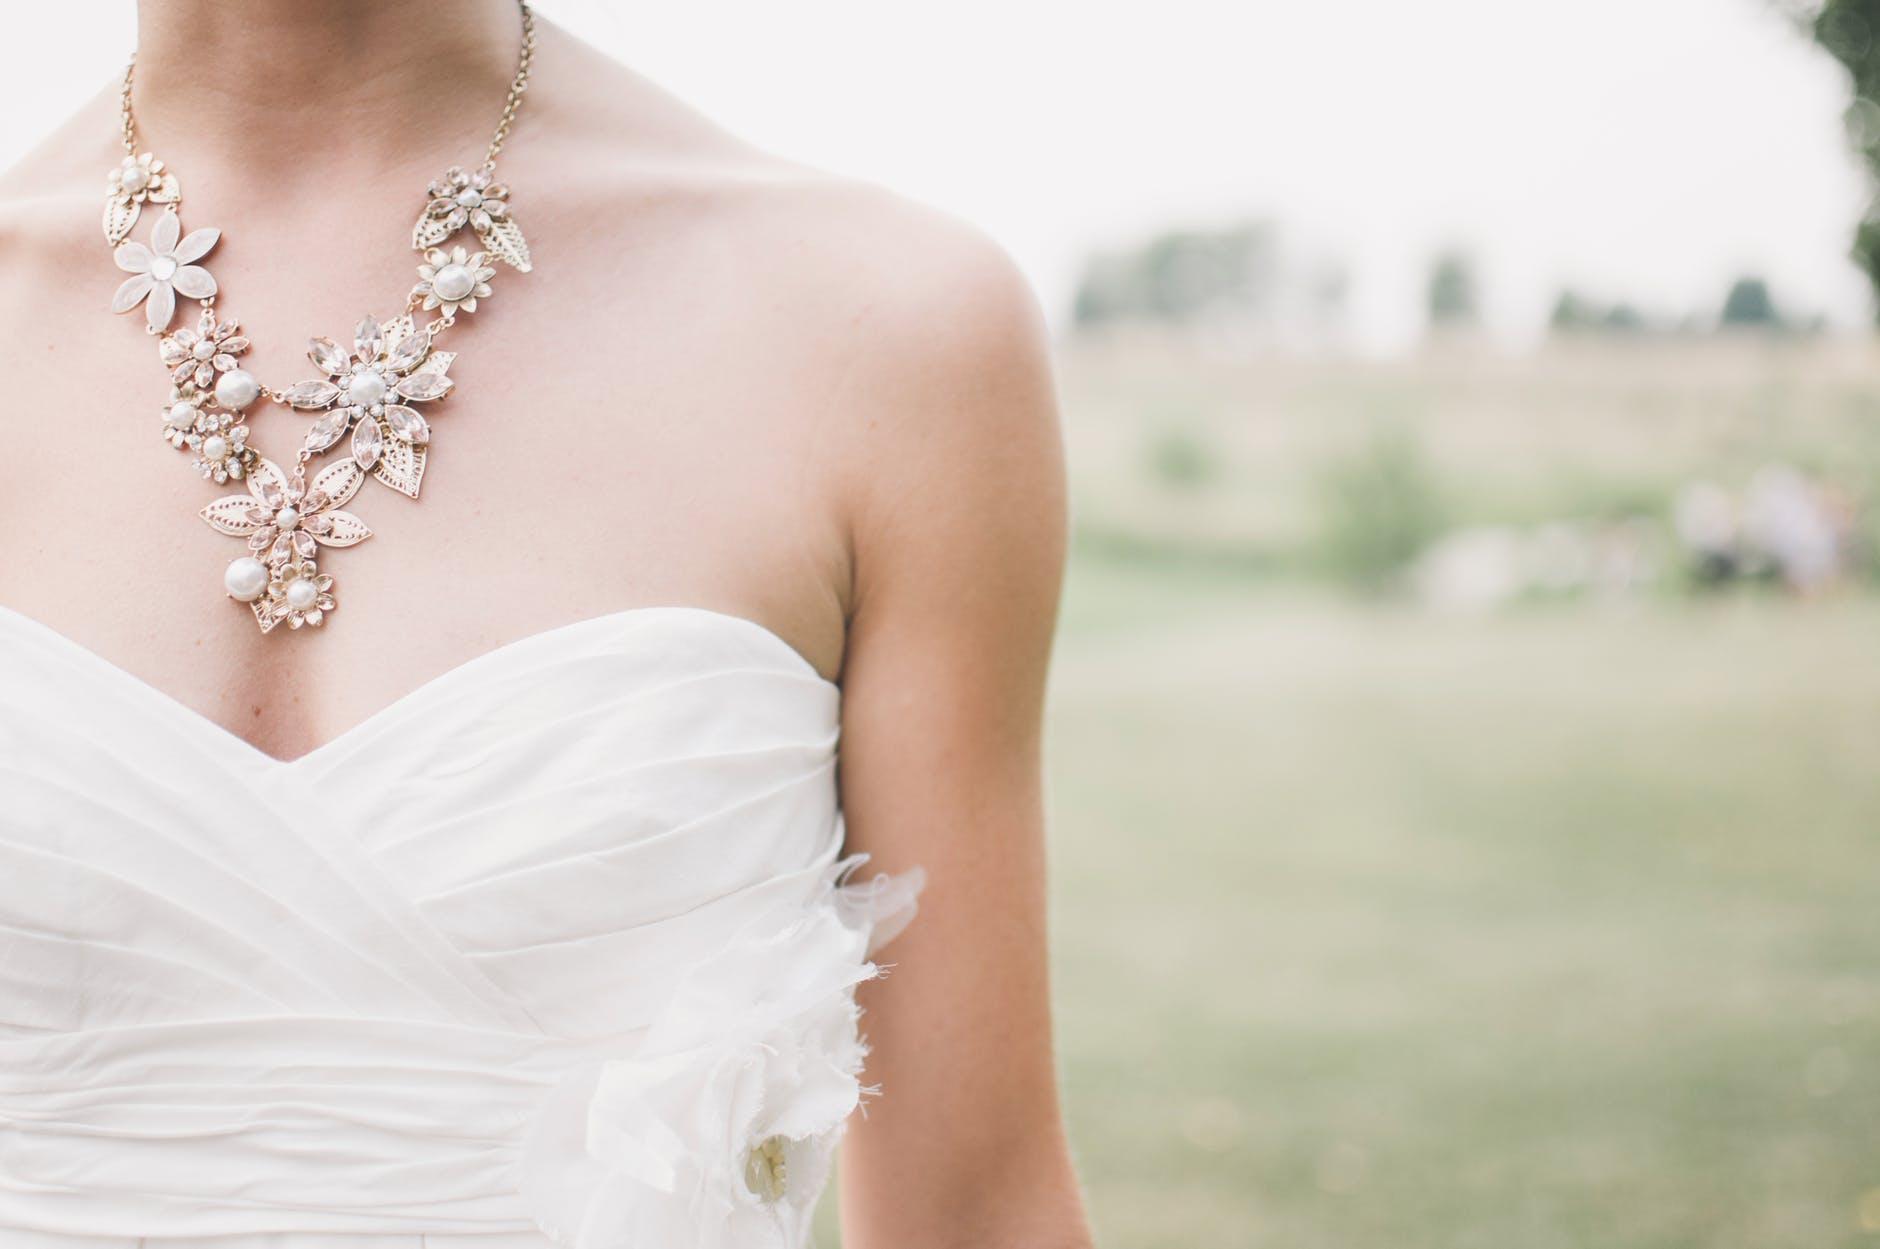 choisir la robe de mariée parfaite